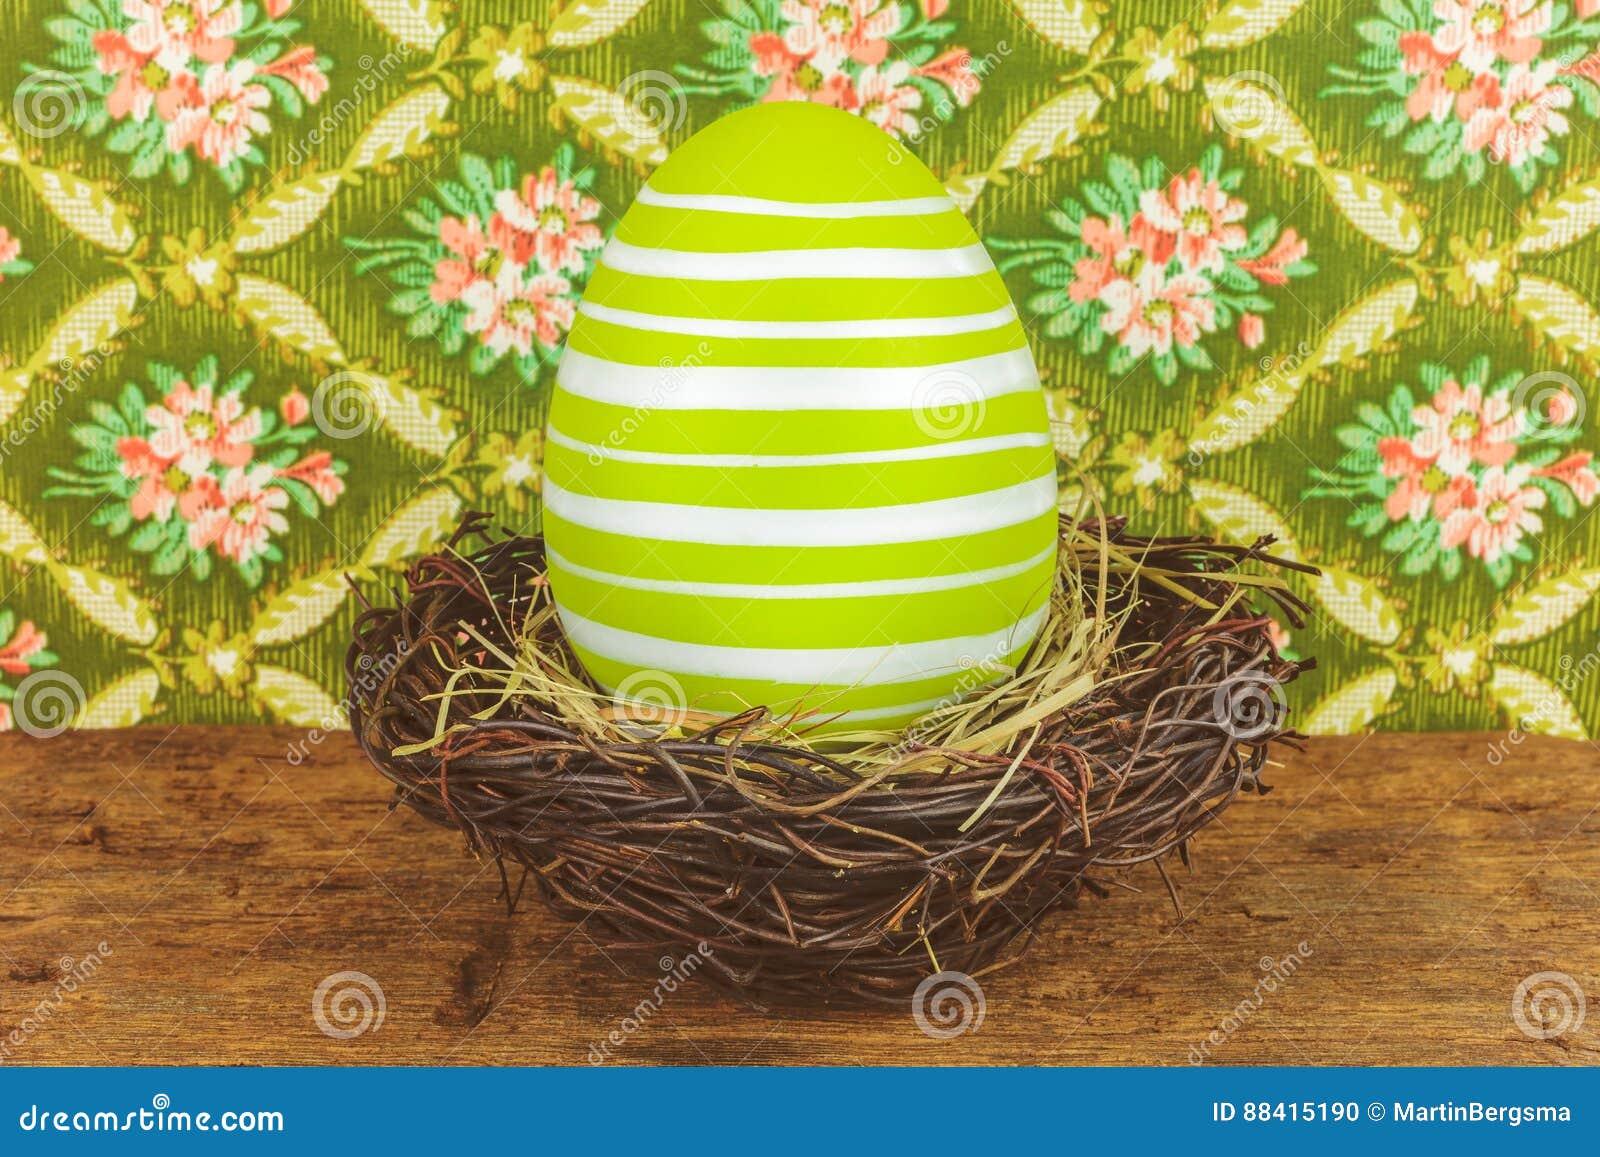 Le vert a teint le grand oeuf de pâques dans un nid d oiseau sur une table en bois